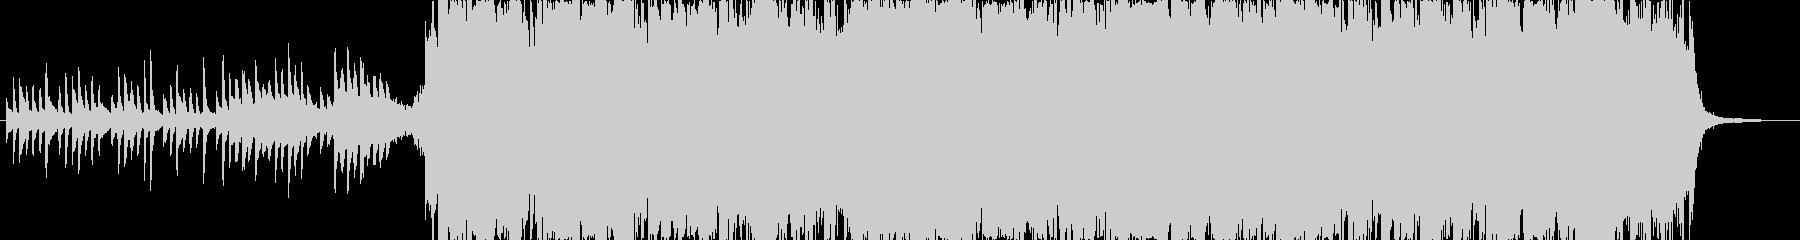 琴、尺八、三味線、切なく壮大な和風曲4aの未再生の波形